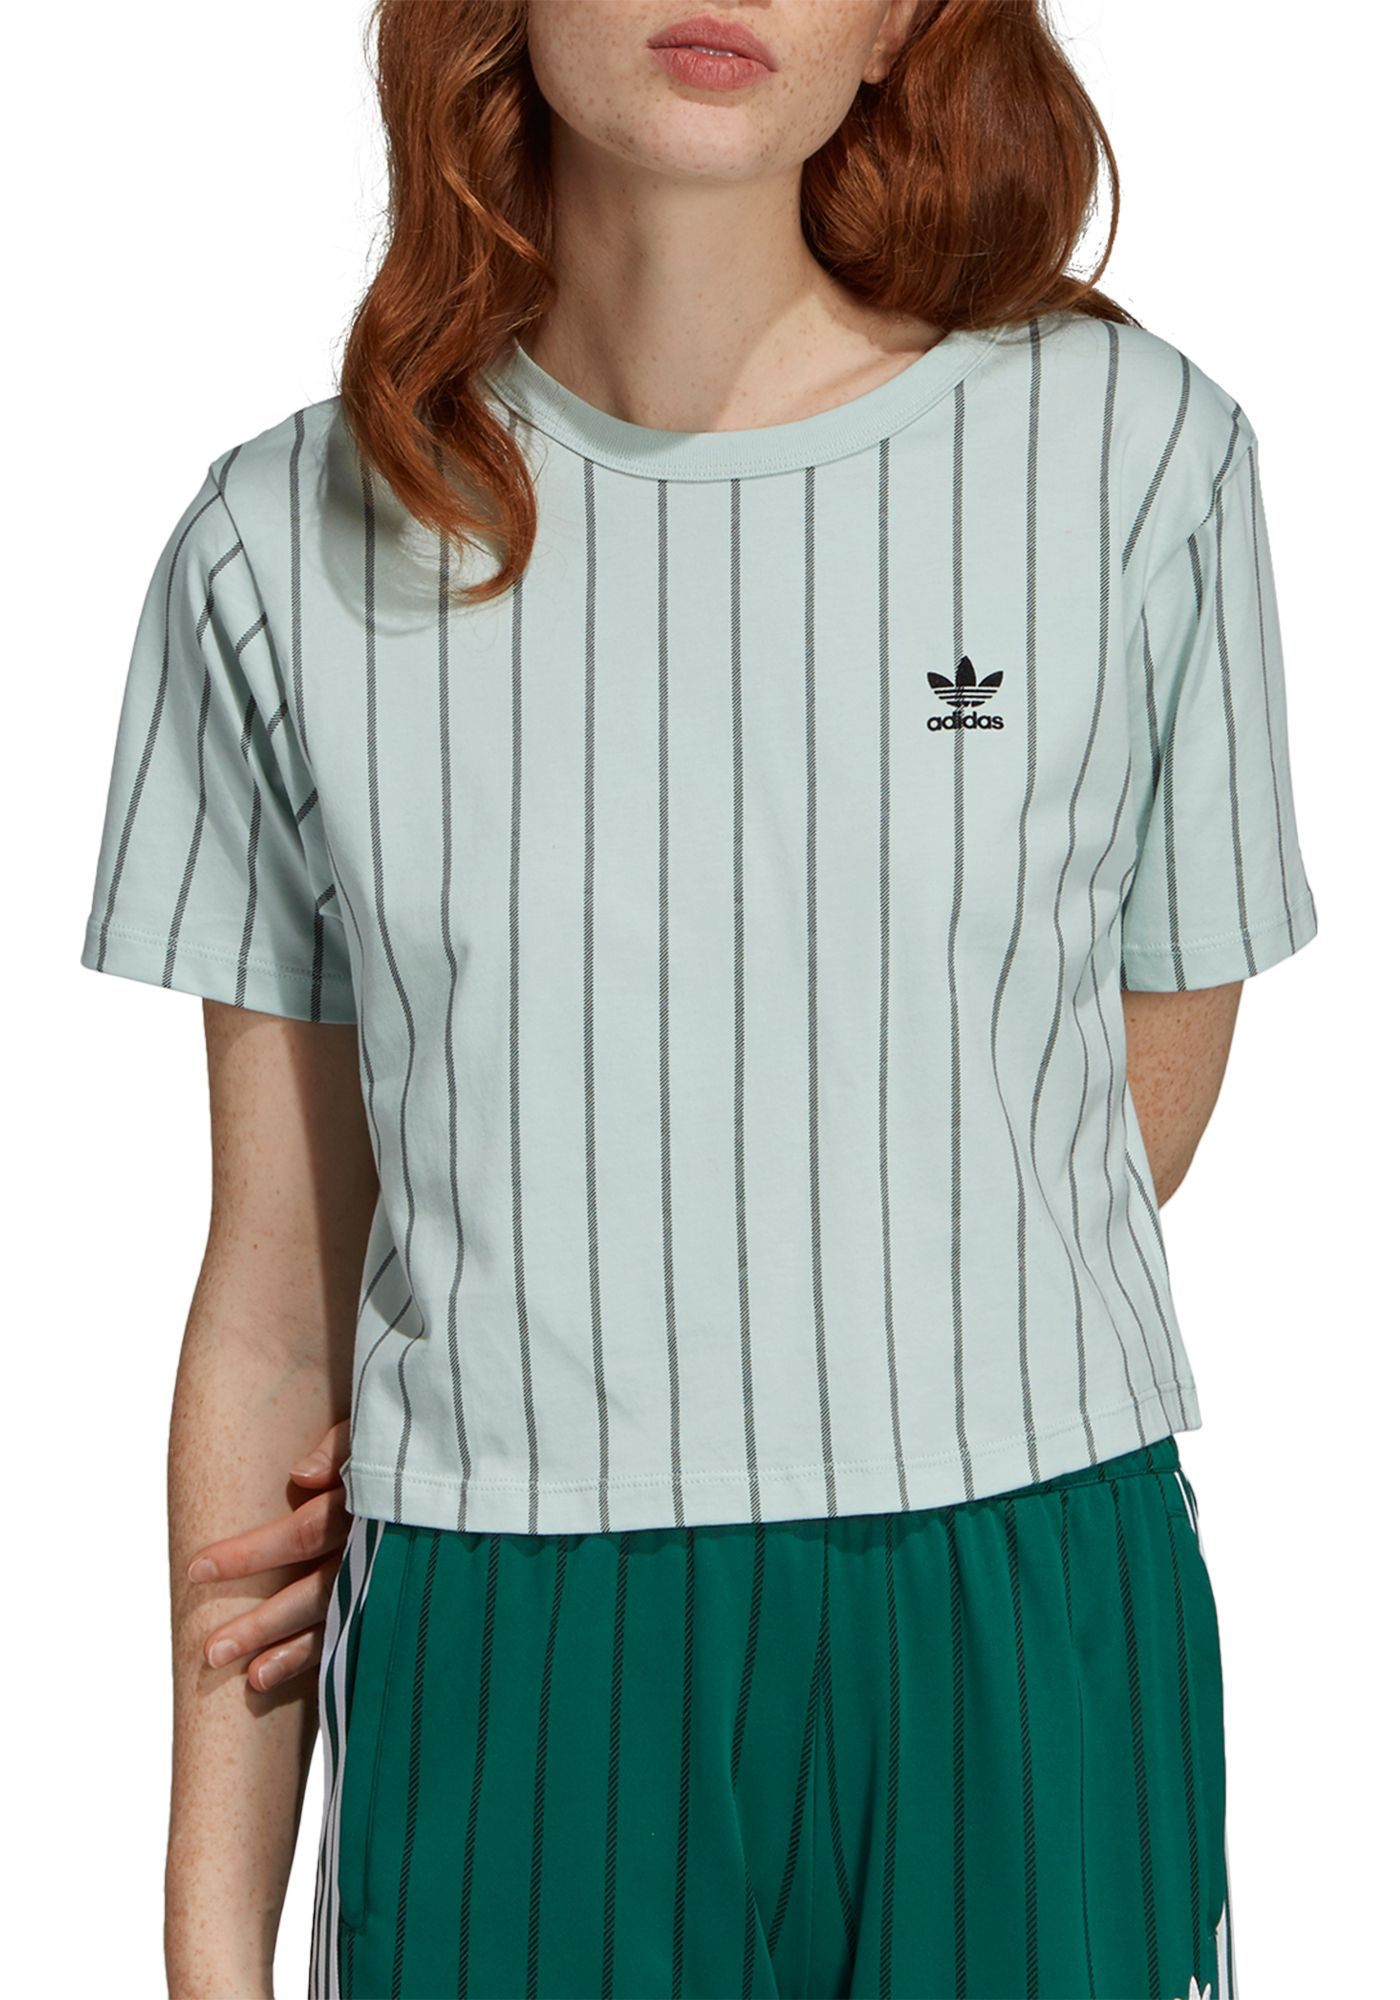 adidas Originals Women's Striped Out Crop T-Shirt